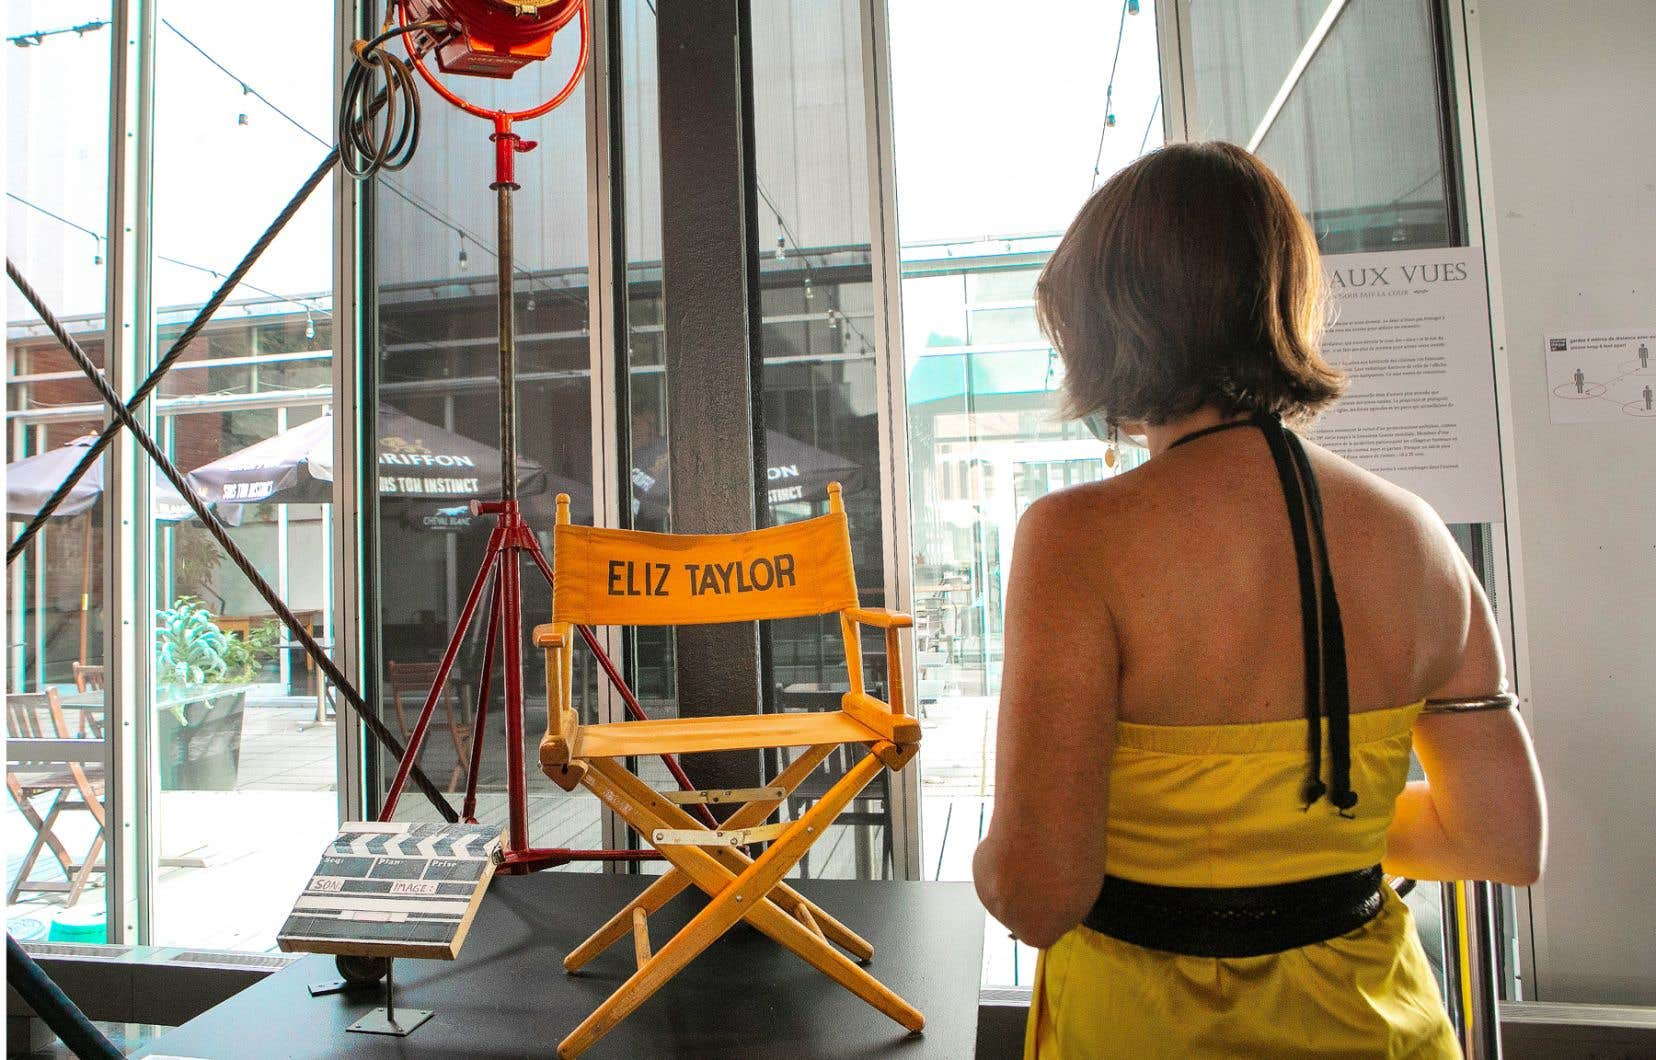 La chaise de l'actrice Elizabeth Taylor pour «Raintree County» (1957), un don de Normand Houle, fait partie de l'exposition «Allons aux vues» à la Cinémathèque.